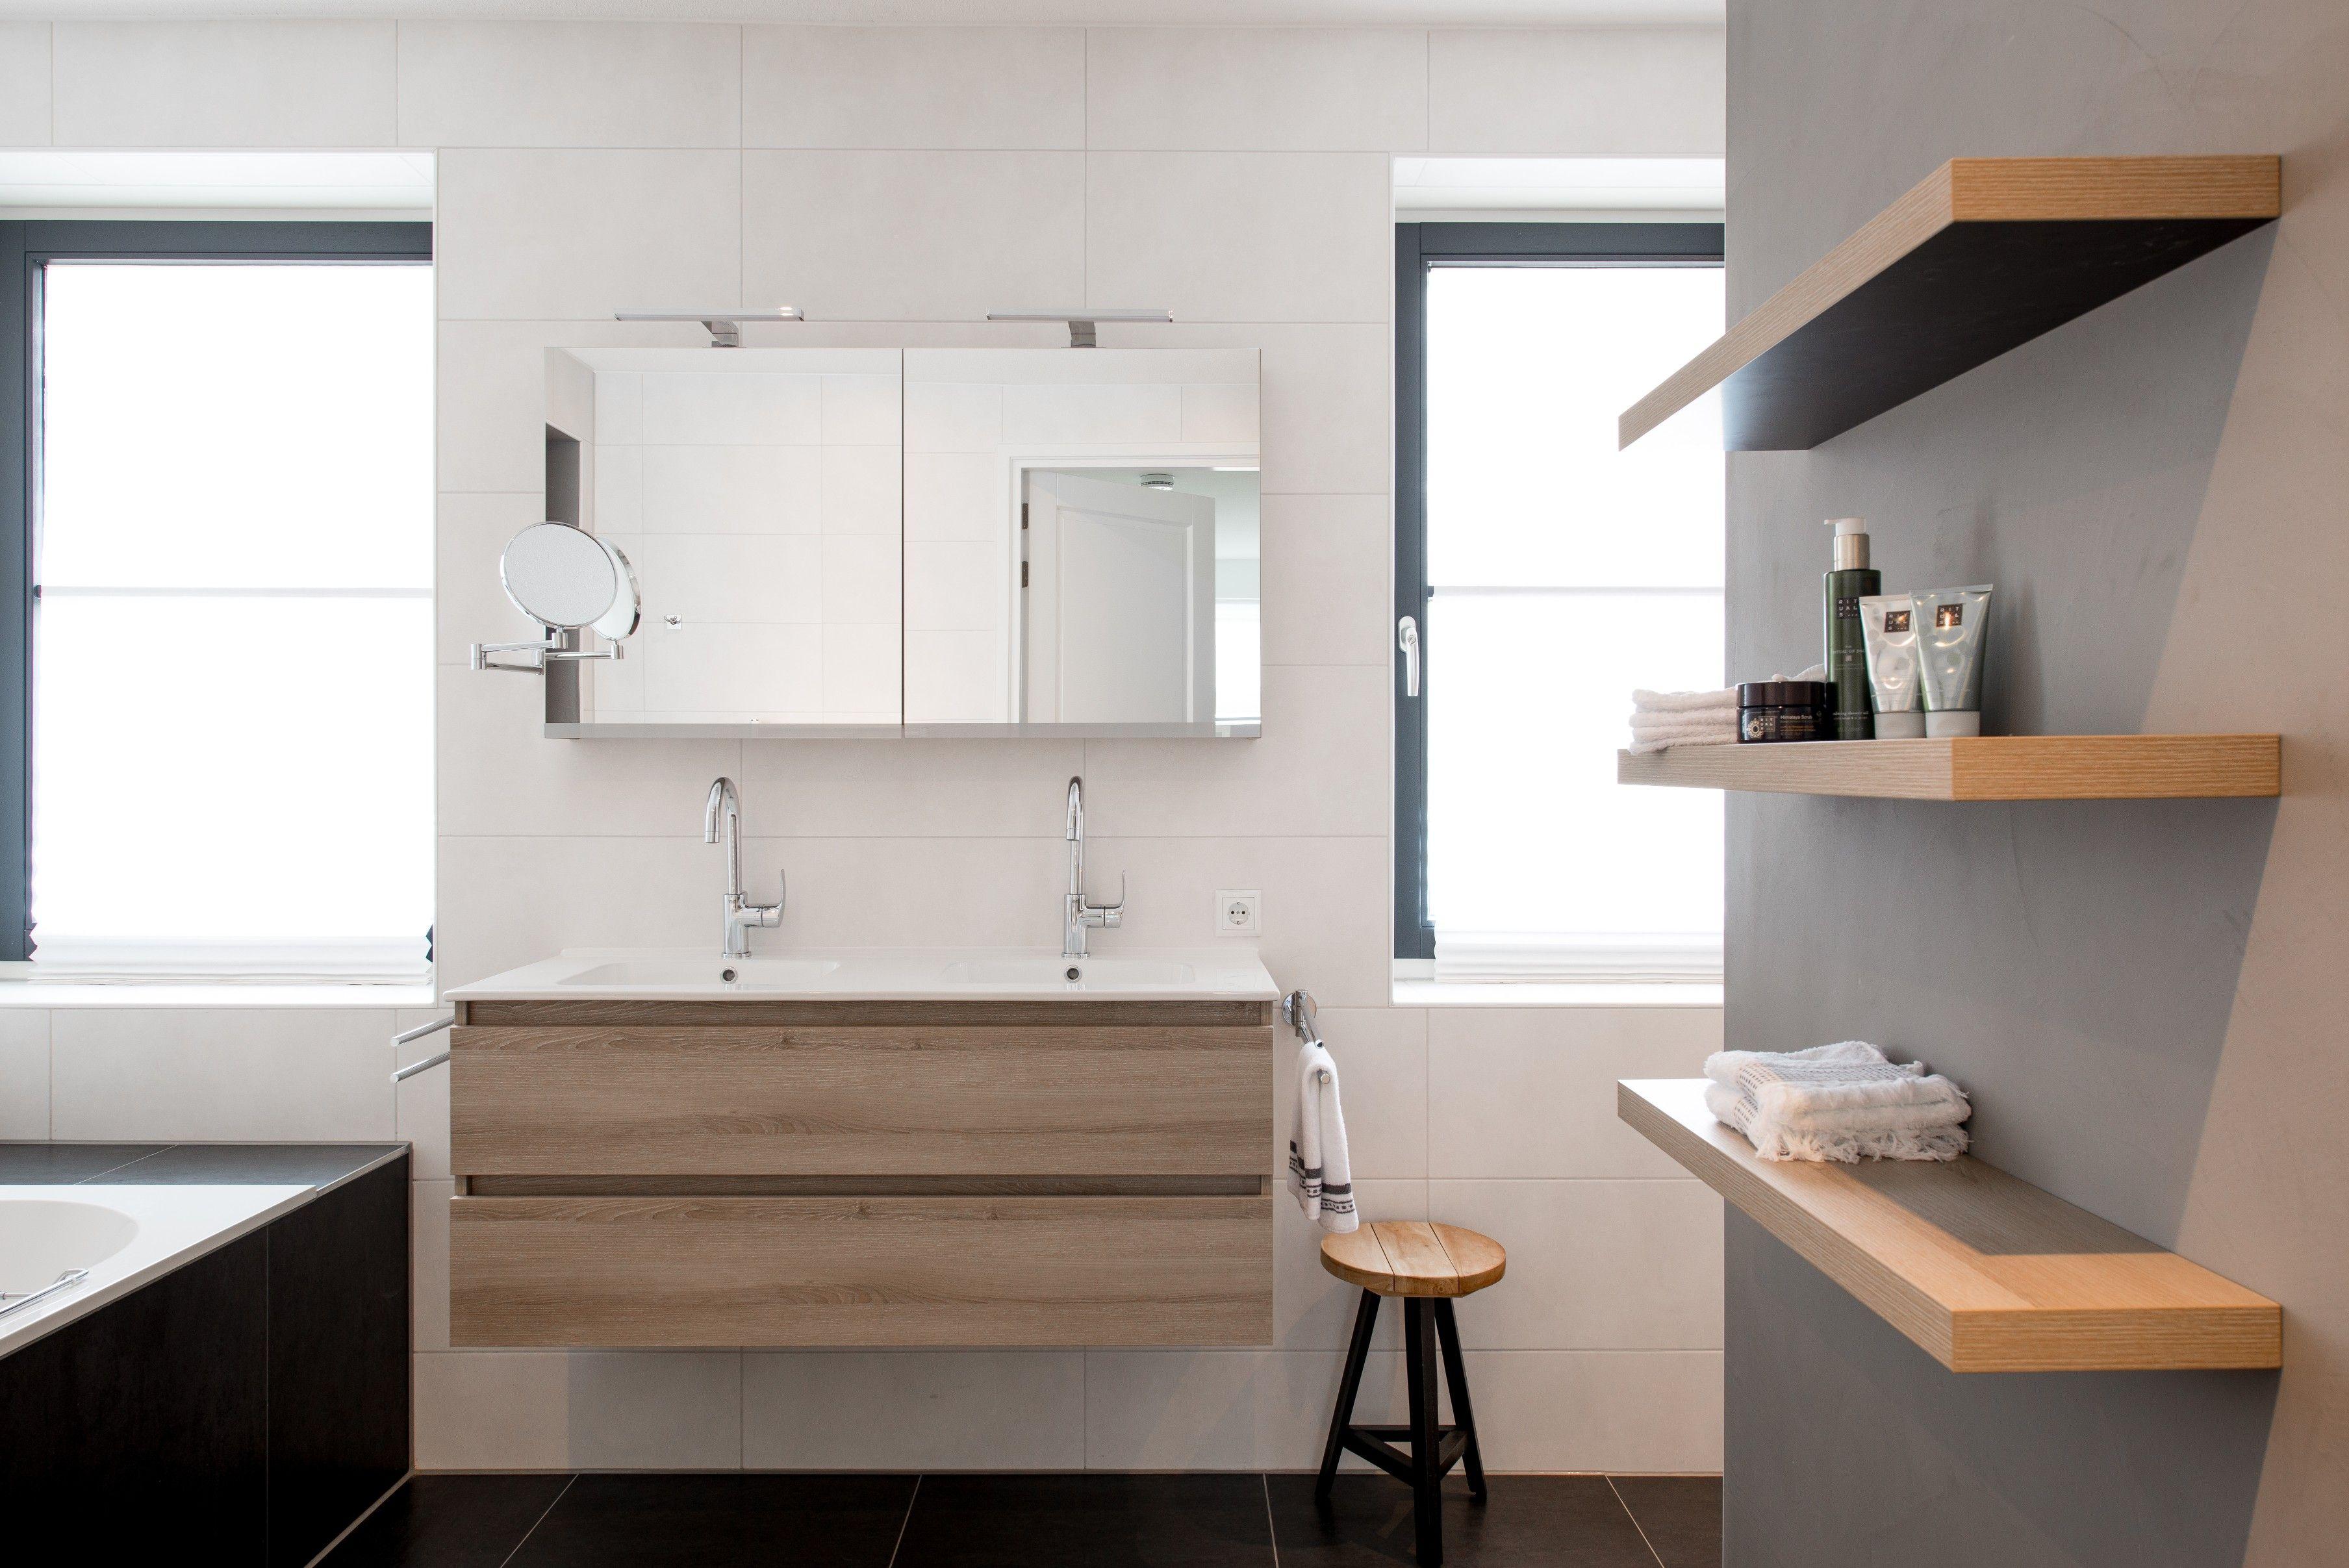 Een modern landelijke badkamer van Middelkoop. Hier hebben we een ...